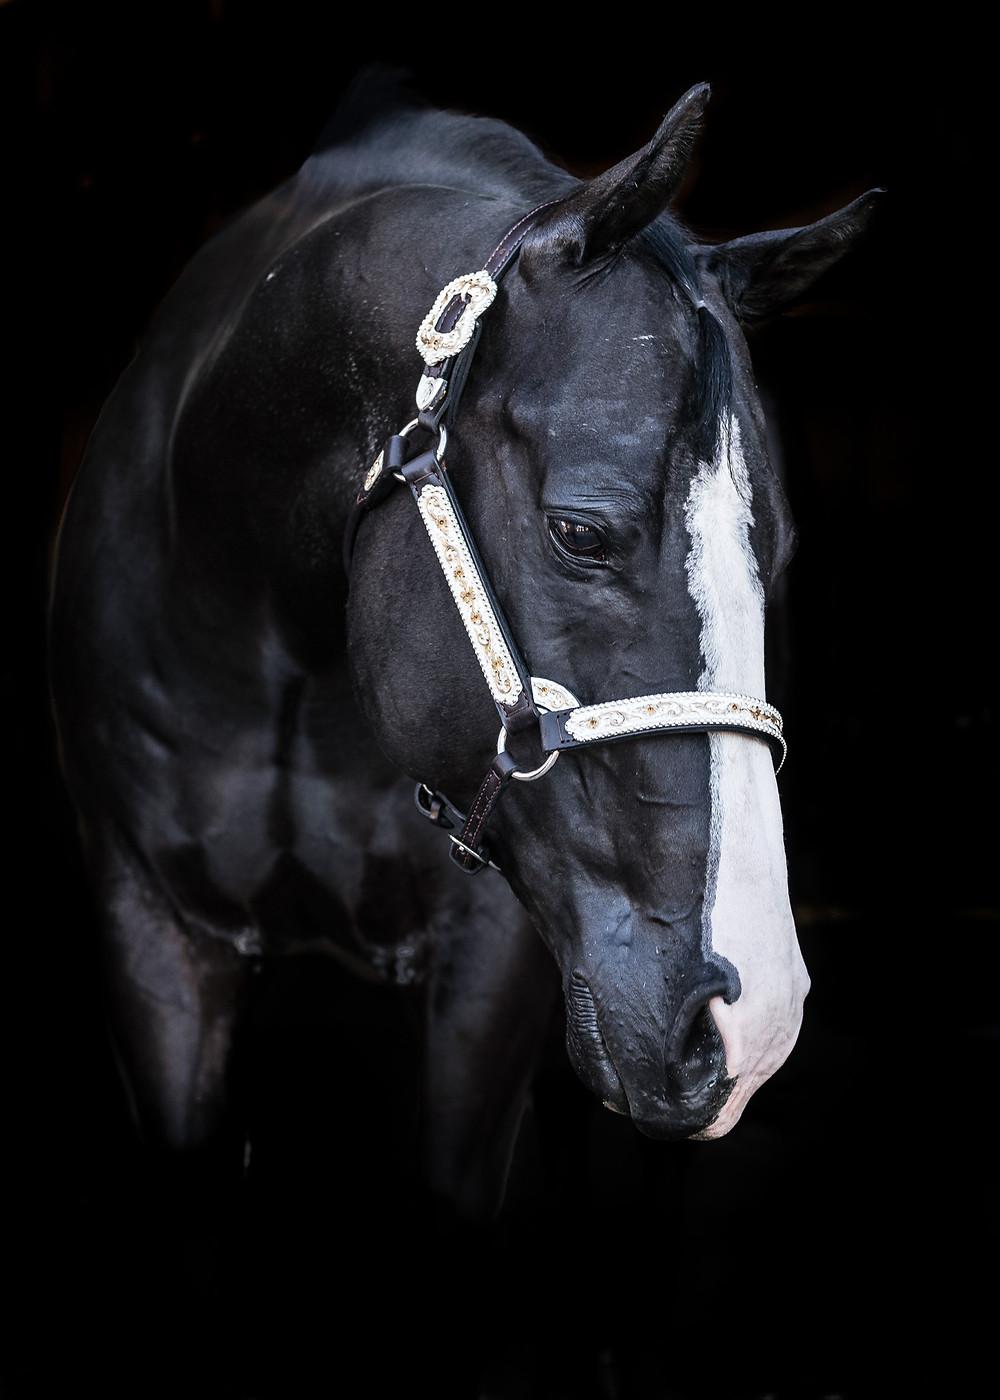 Fine art equine portrait of Hank